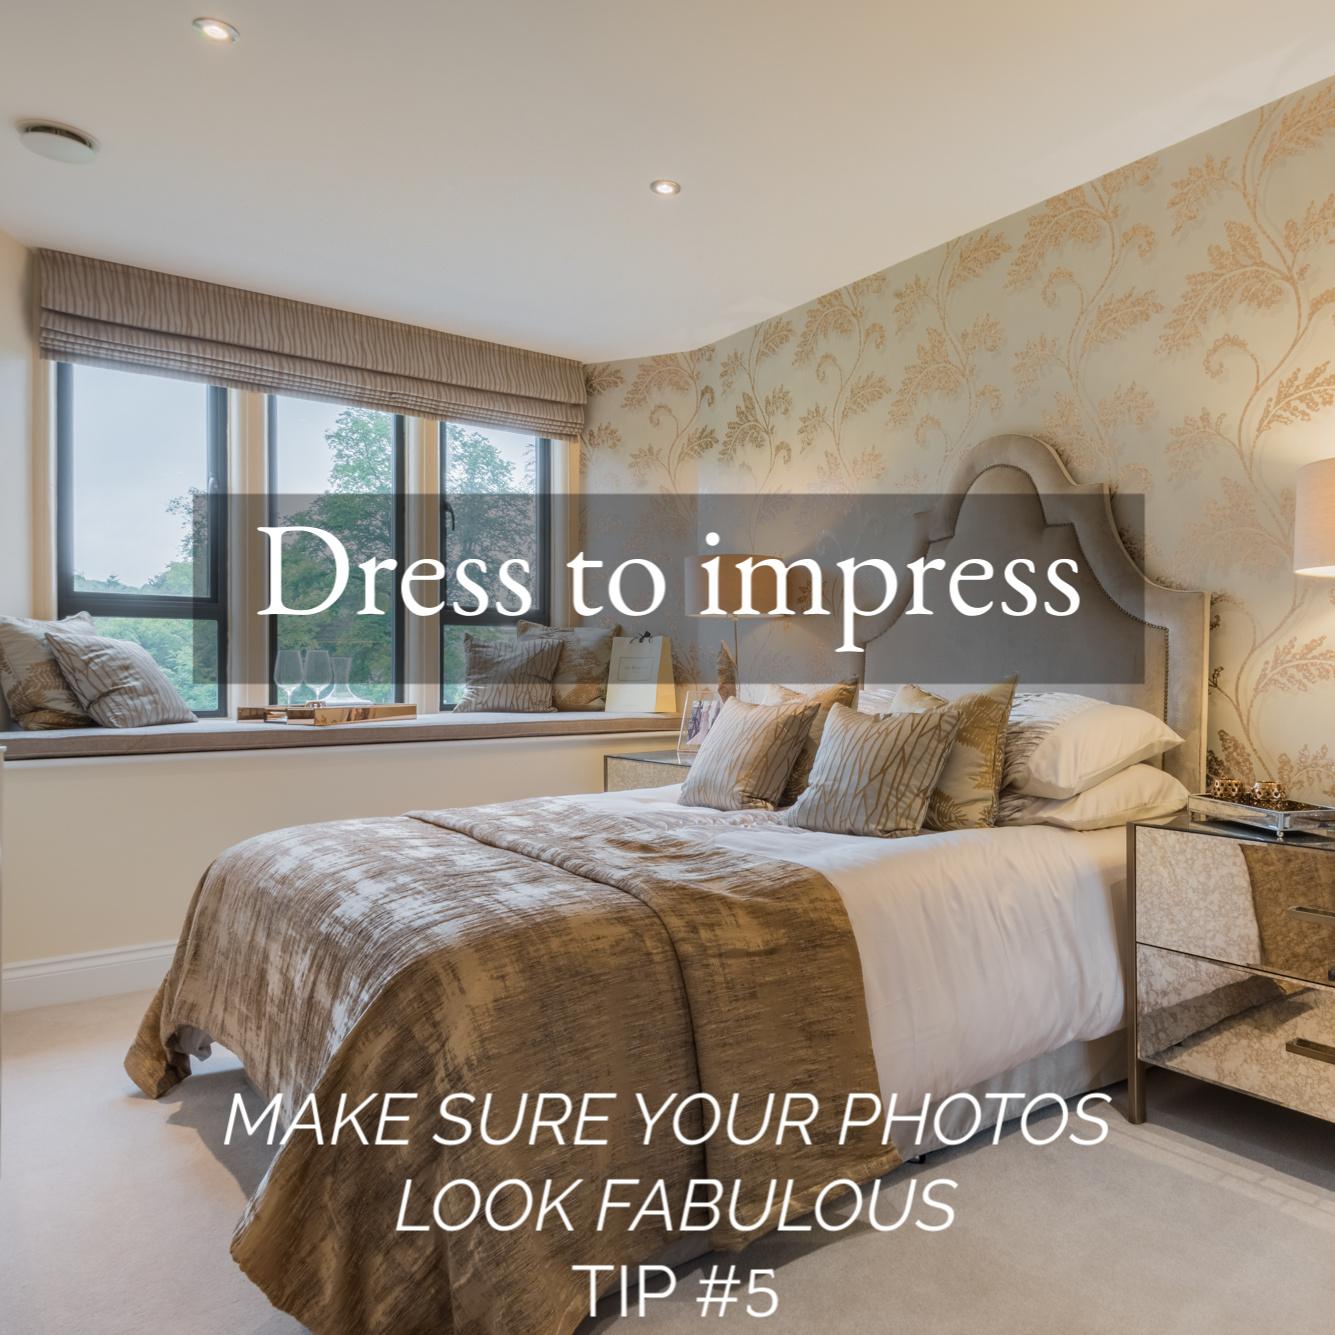 tg5-dress-to-impress